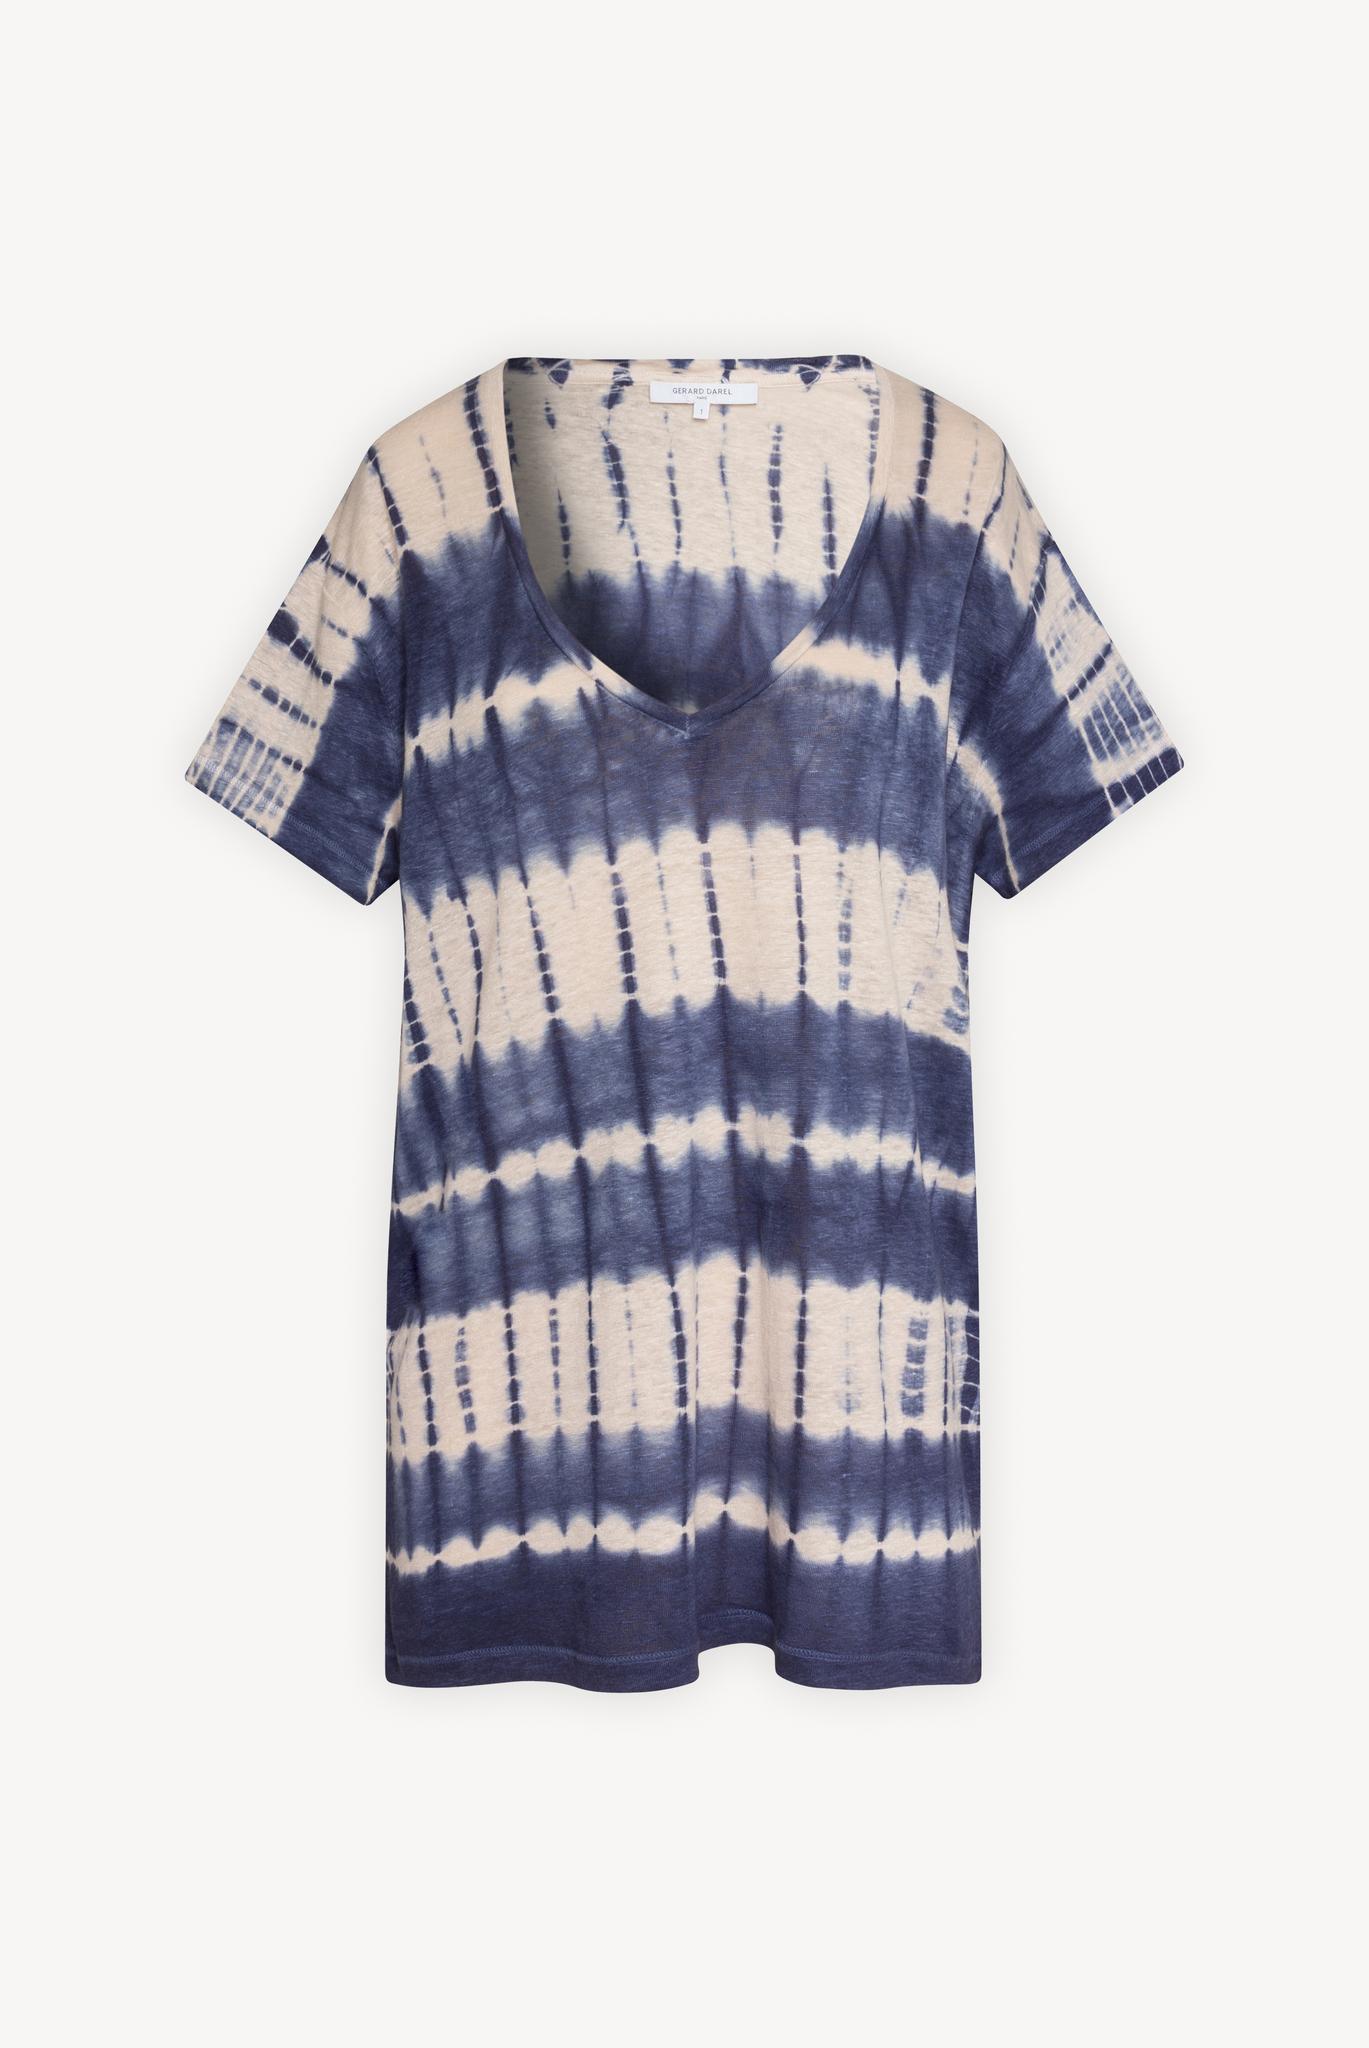 JACKSON - Льняная футболка с принтом тай-дай